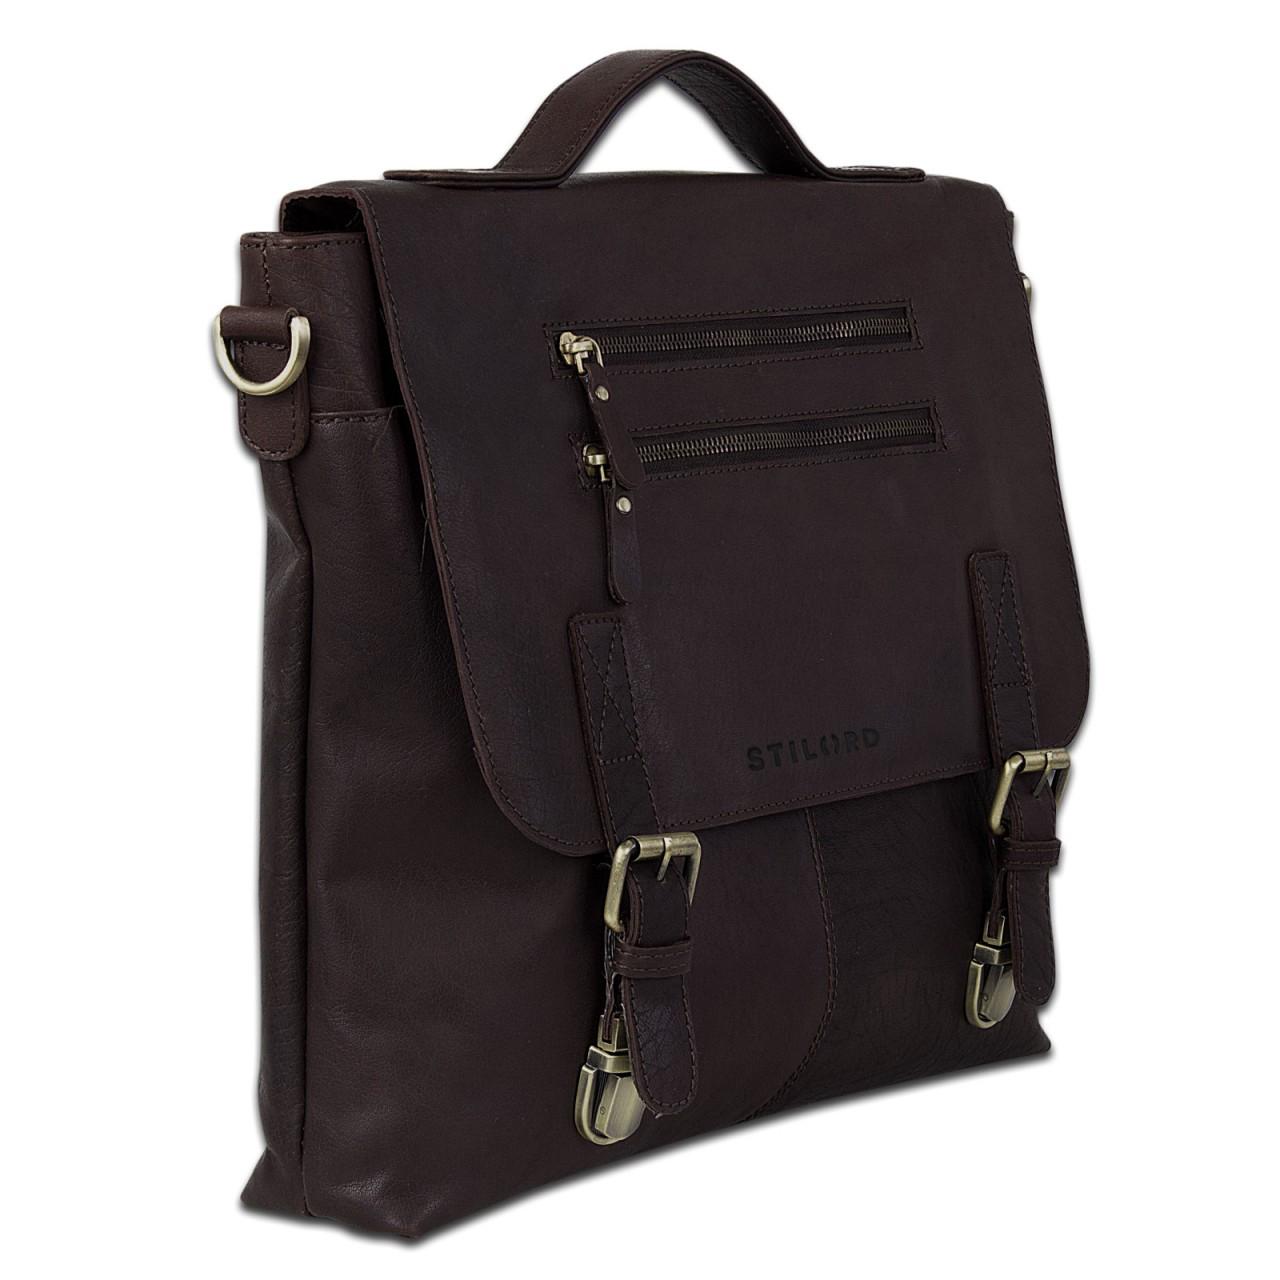 STILORD elegante Aktentasche / Business Tasche / Handtasche Schultertasche Bürotasche Arbeitstasche Vintage Echtleder Braun - Bild 3